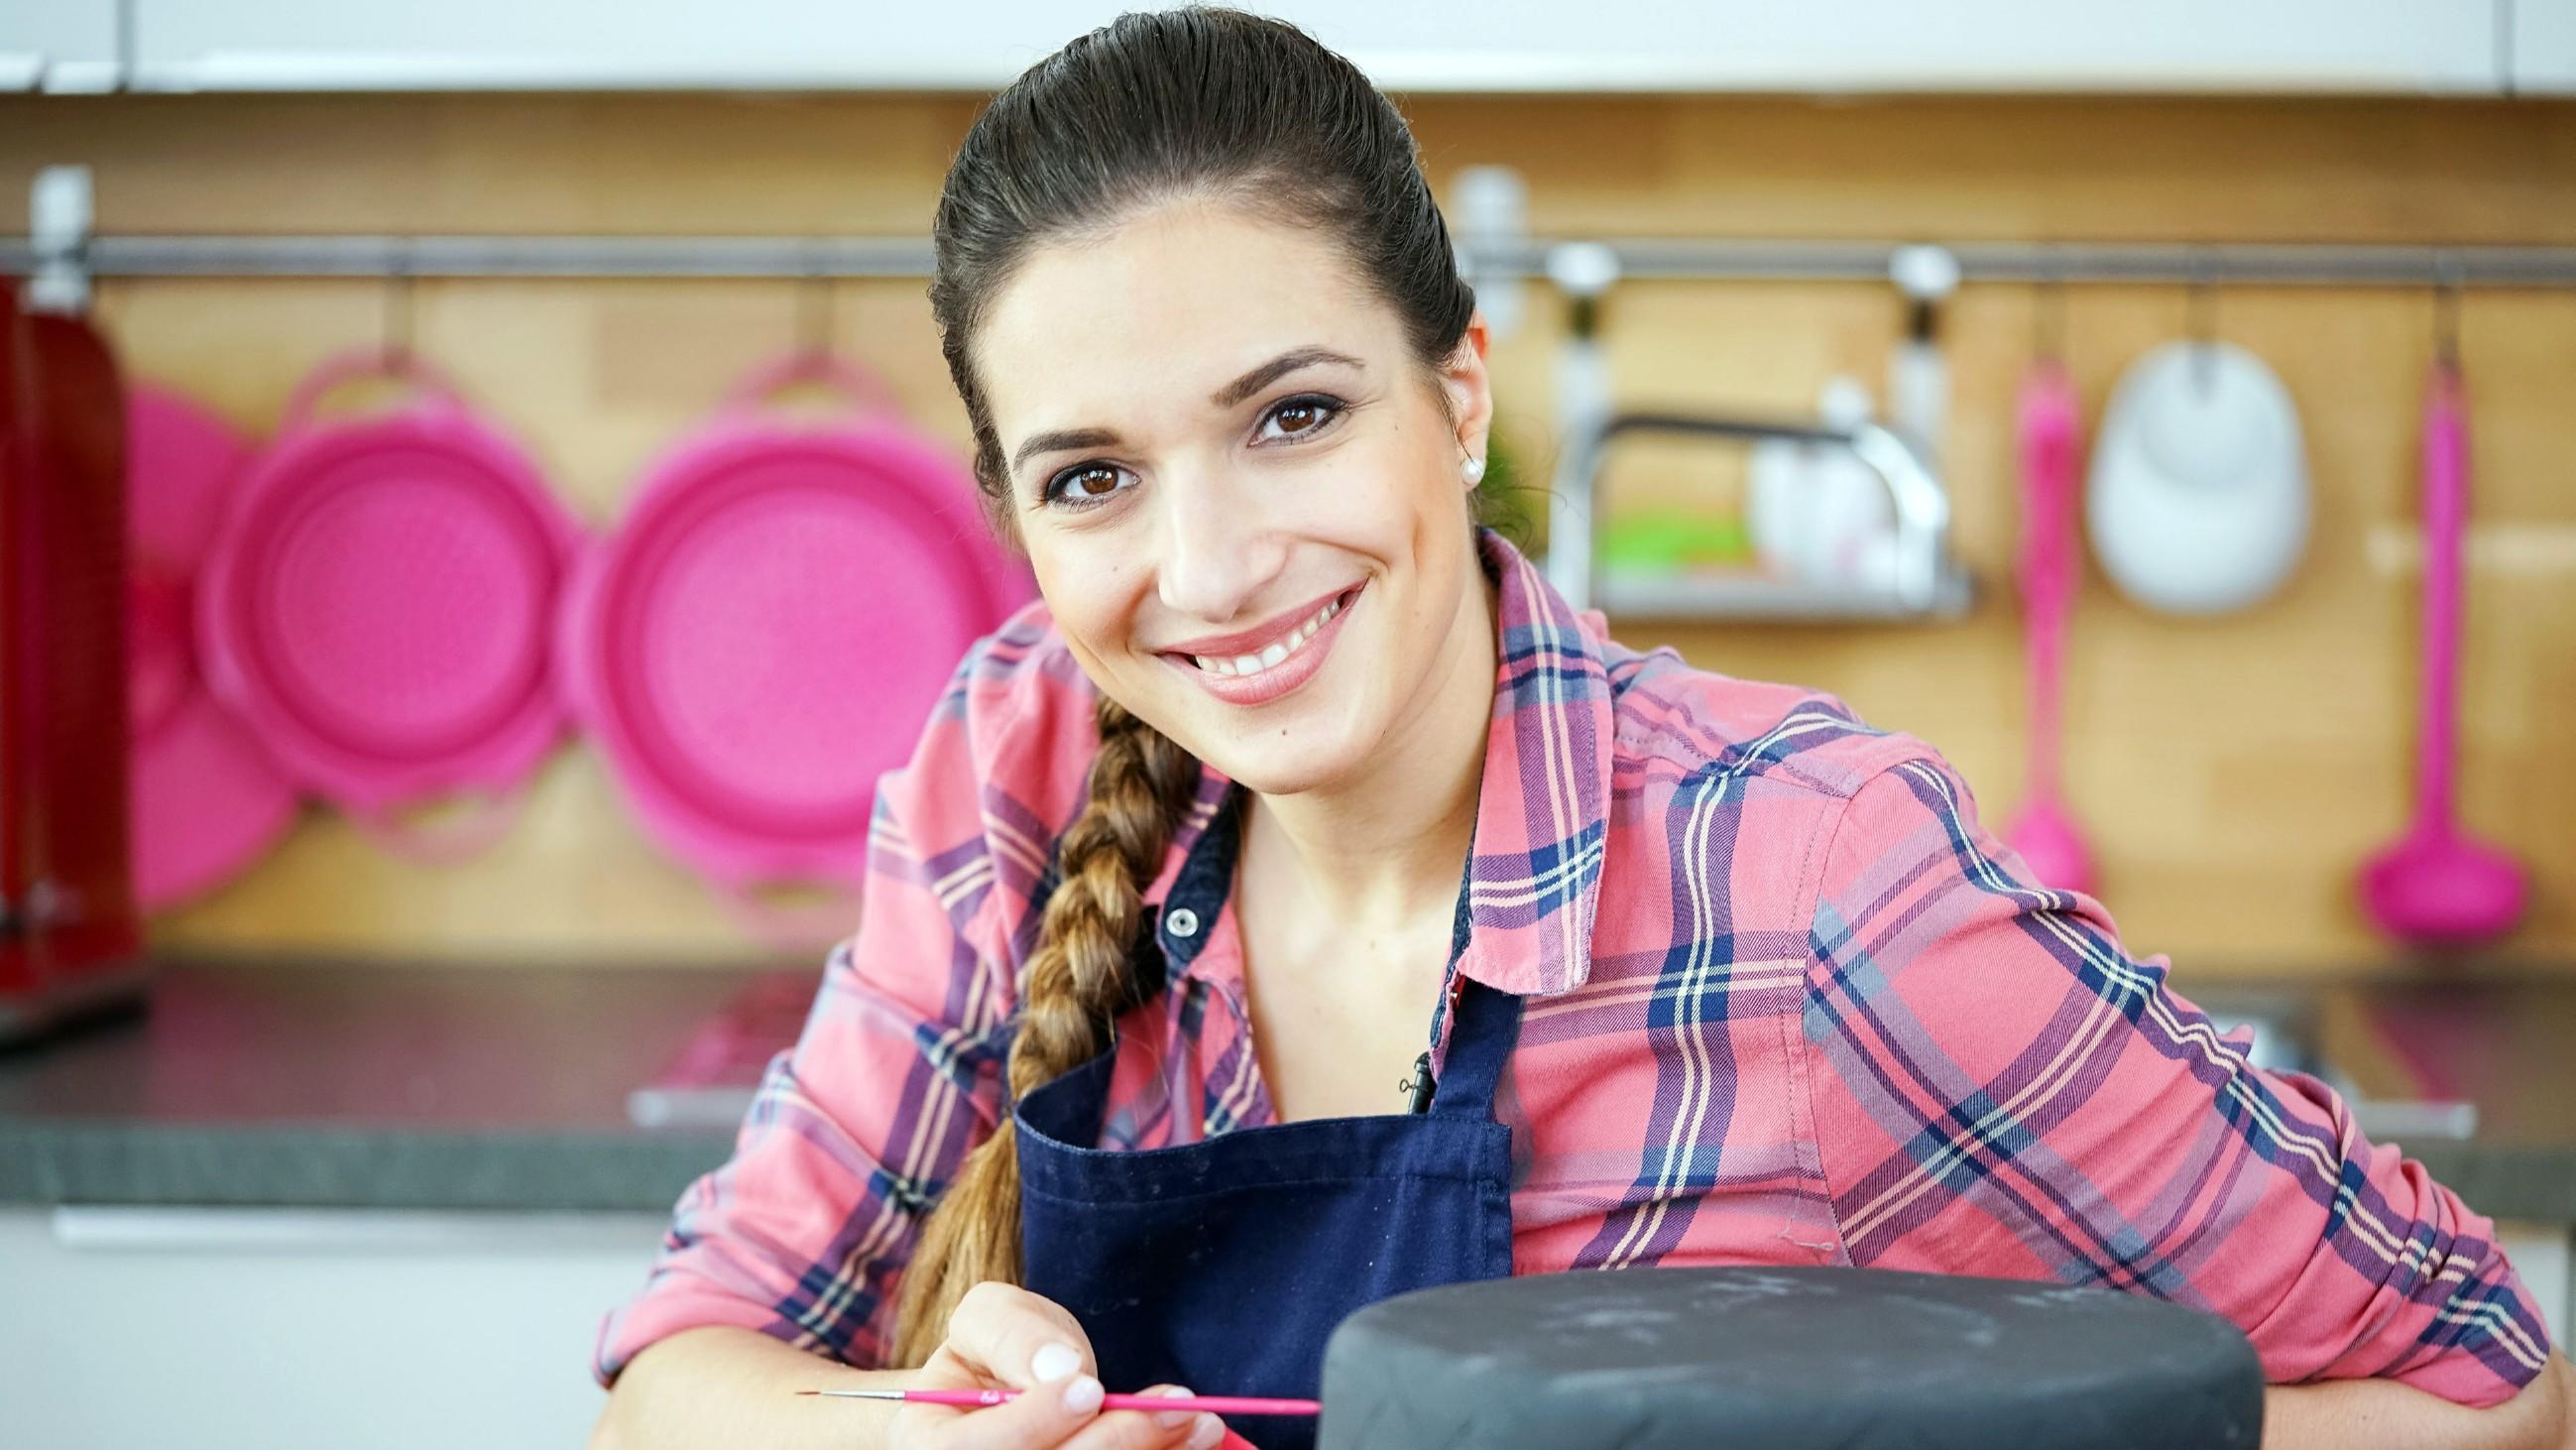 Mit mehr als einer Millionen Abonnenten und über 240 Millionen Video-Views ist sie Deutschlands größte Food-YouTuberin: Saliha Özcan - besser bekannt als Sally. Die Torten-Queen backt gemeinsam mit einem jungen Gast zwischen 8 und 18 Jahren eine ganz